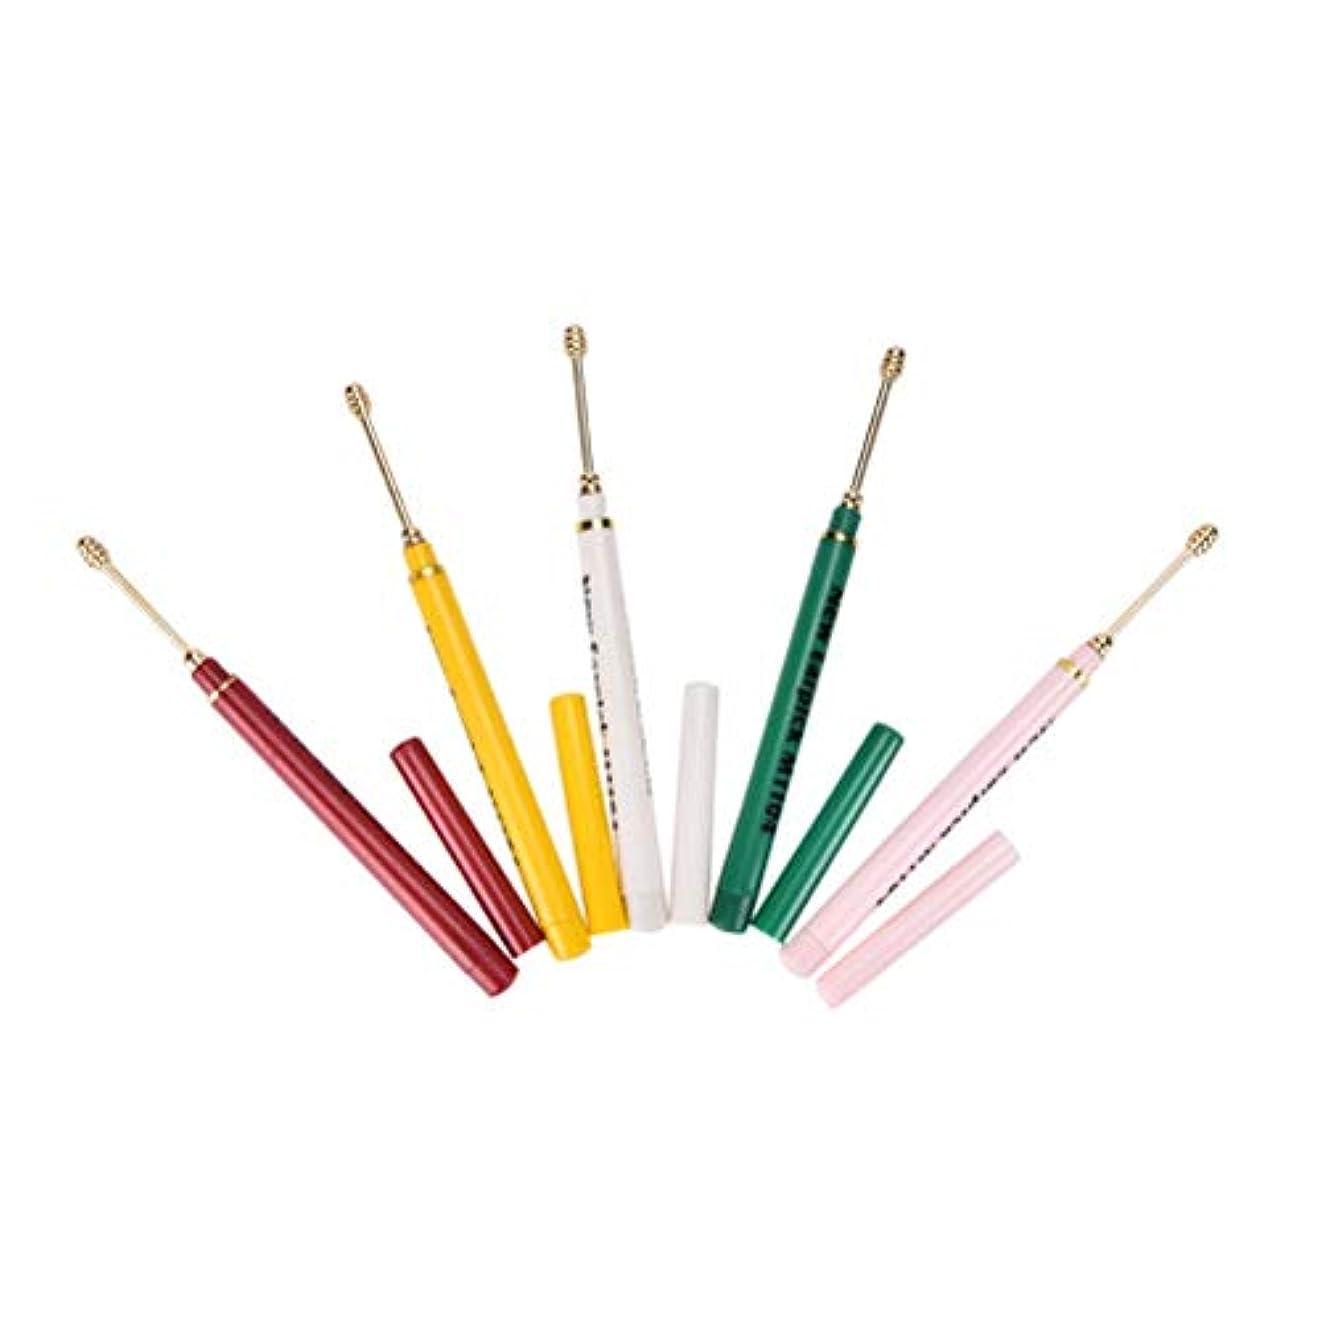 ZHQI-GH ランダムカラー2ピースイヤホンスプーンツールクリーン耳ワックスキュレットリムーバーヘルスケアカラフルなギフト (色 : Multi-colored)